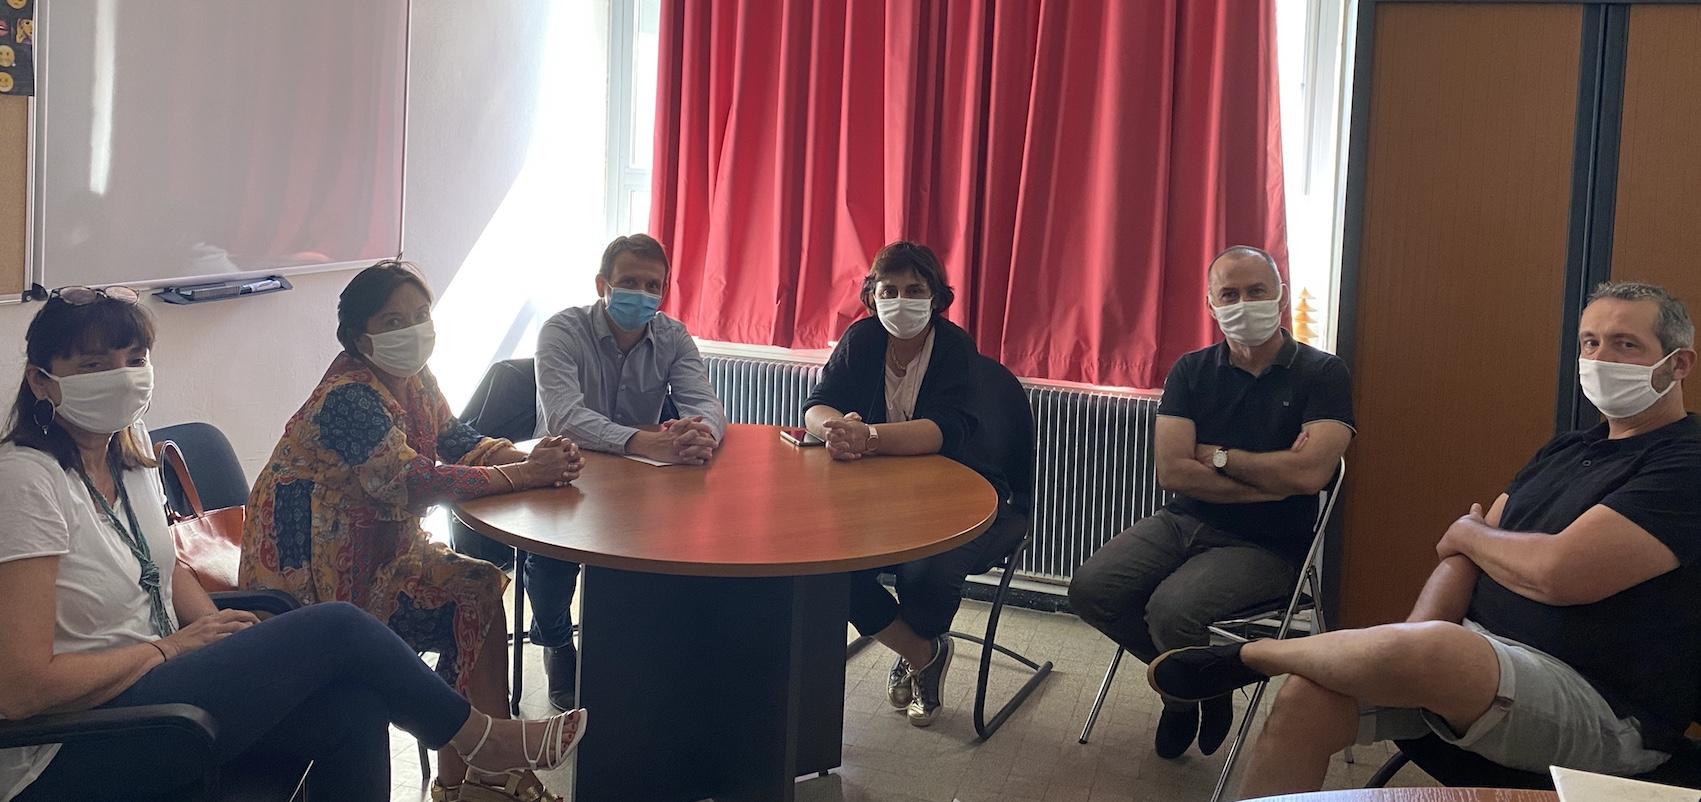 Au collège Giraud, une réunion rassemblait l'équipe pédagogique pour évoquer la rentrée des classes.